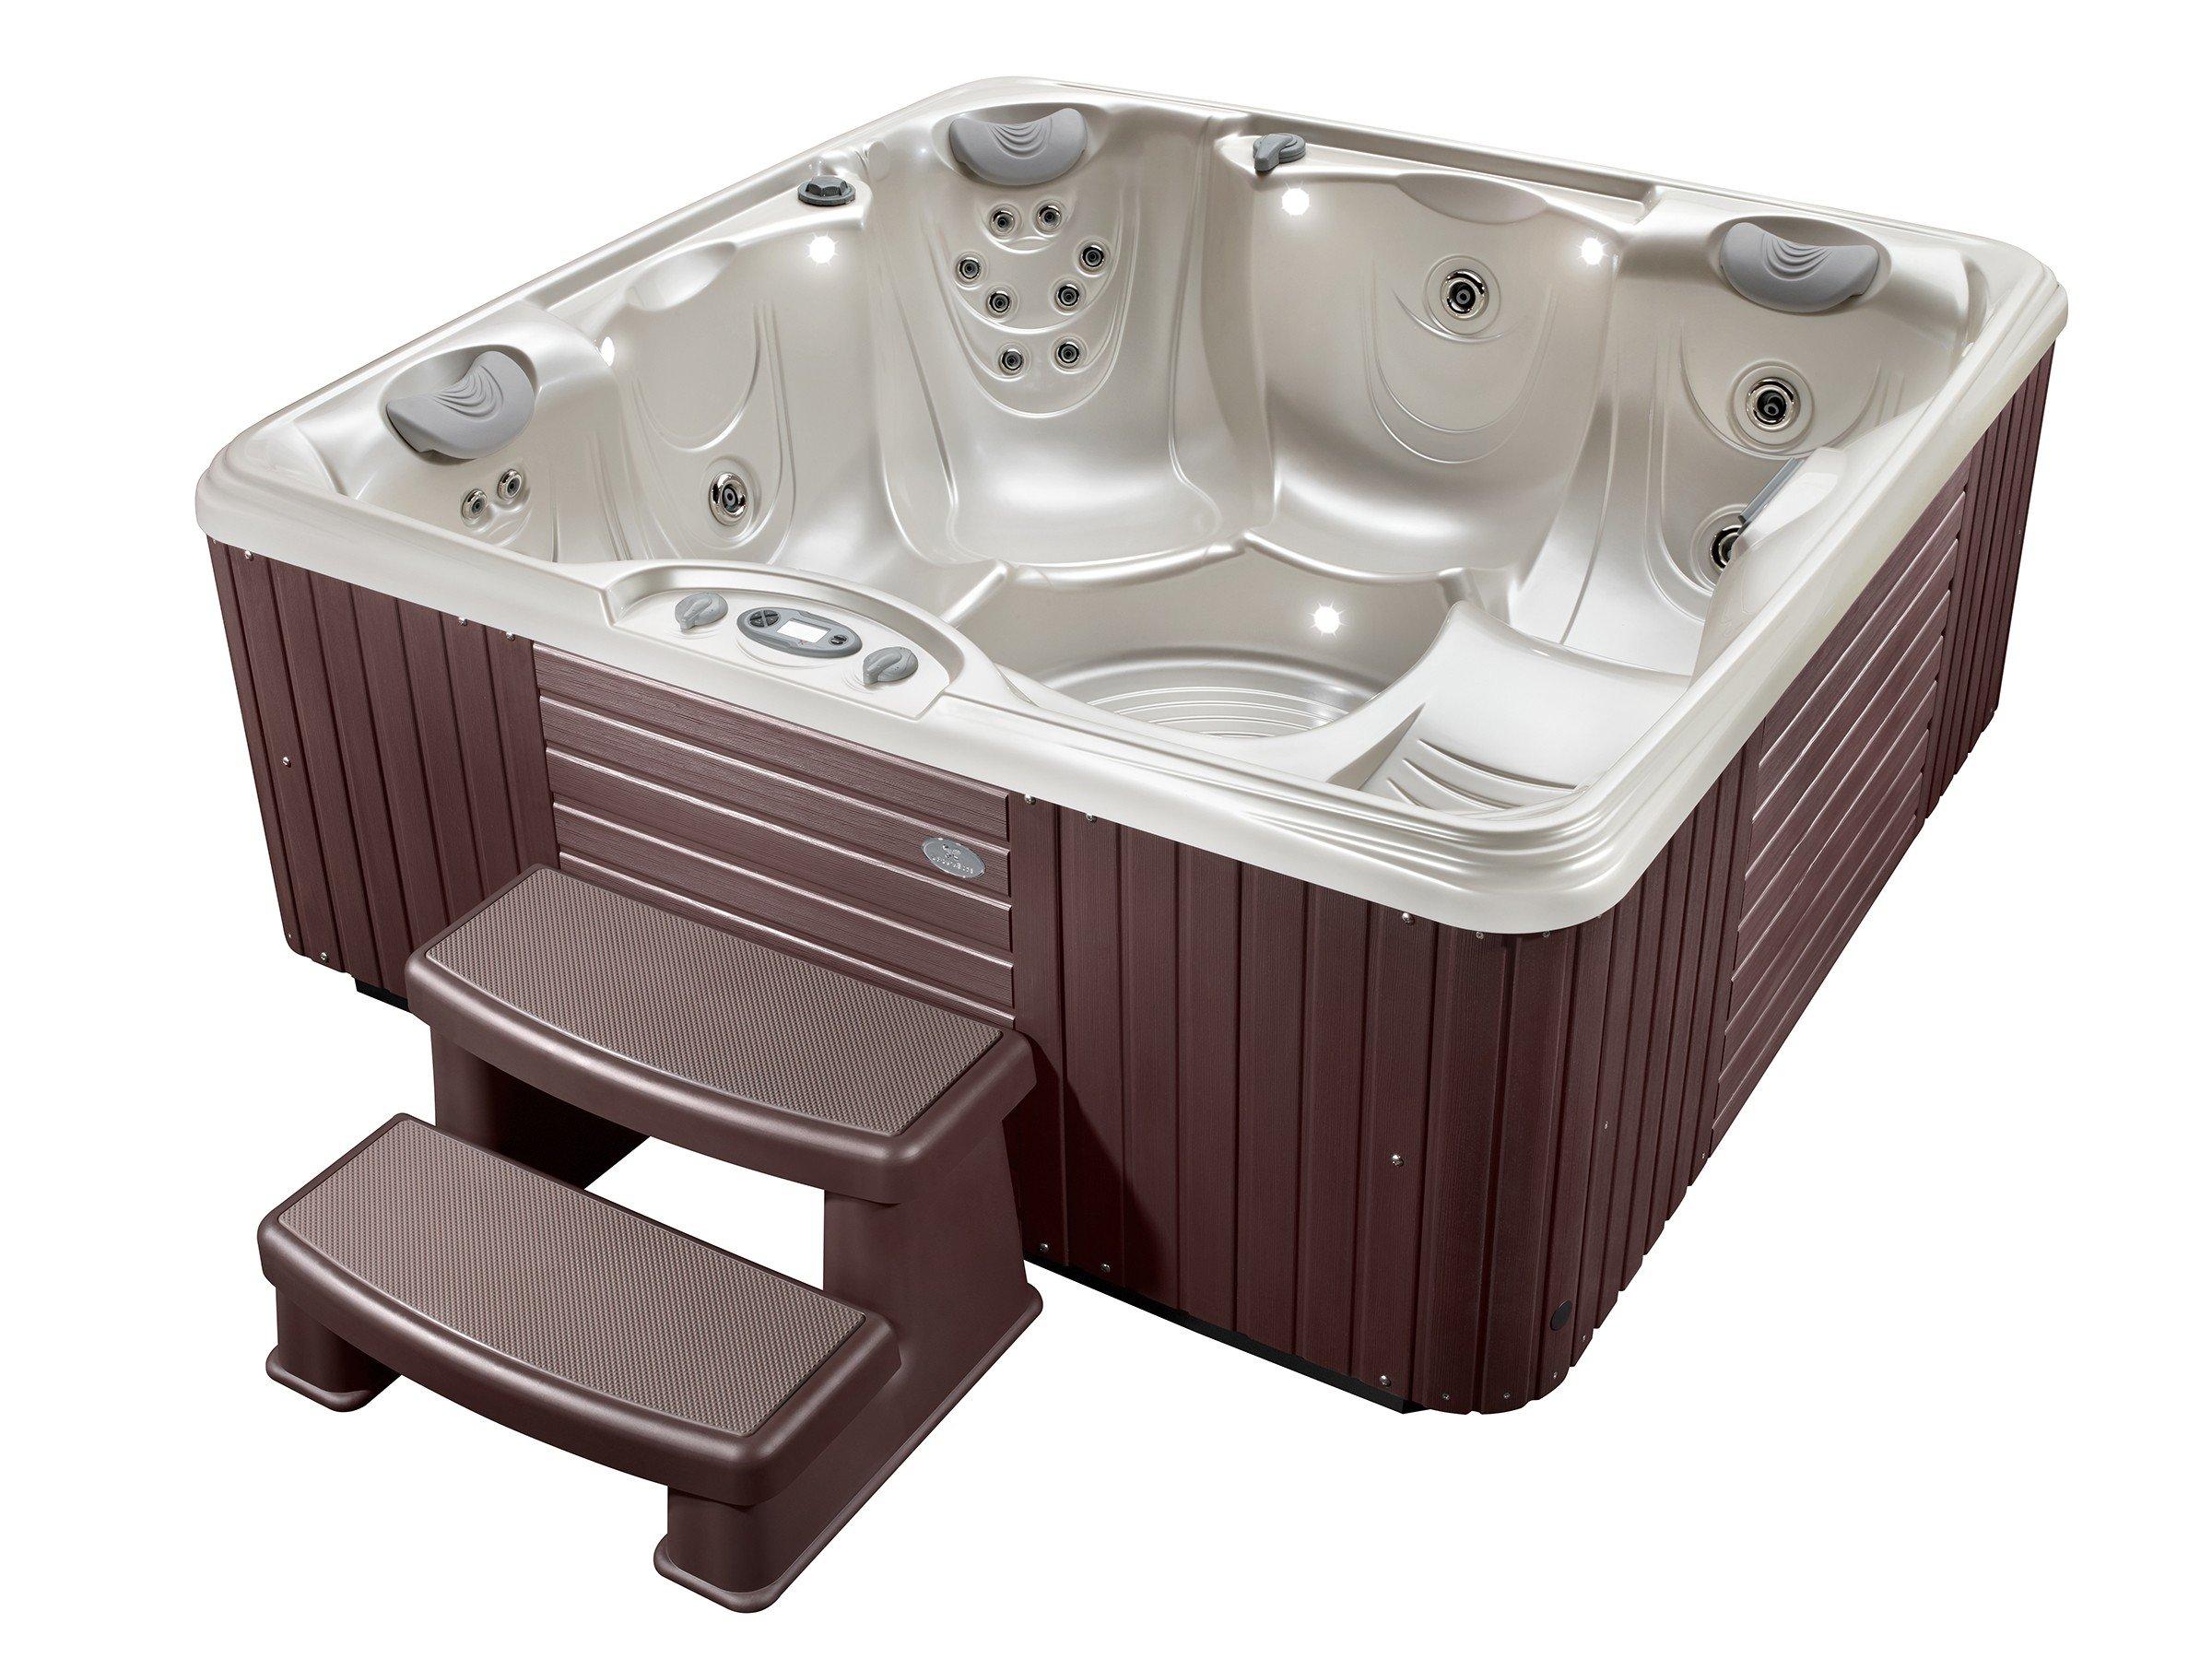 Tarino – Texas Hot Tub Company